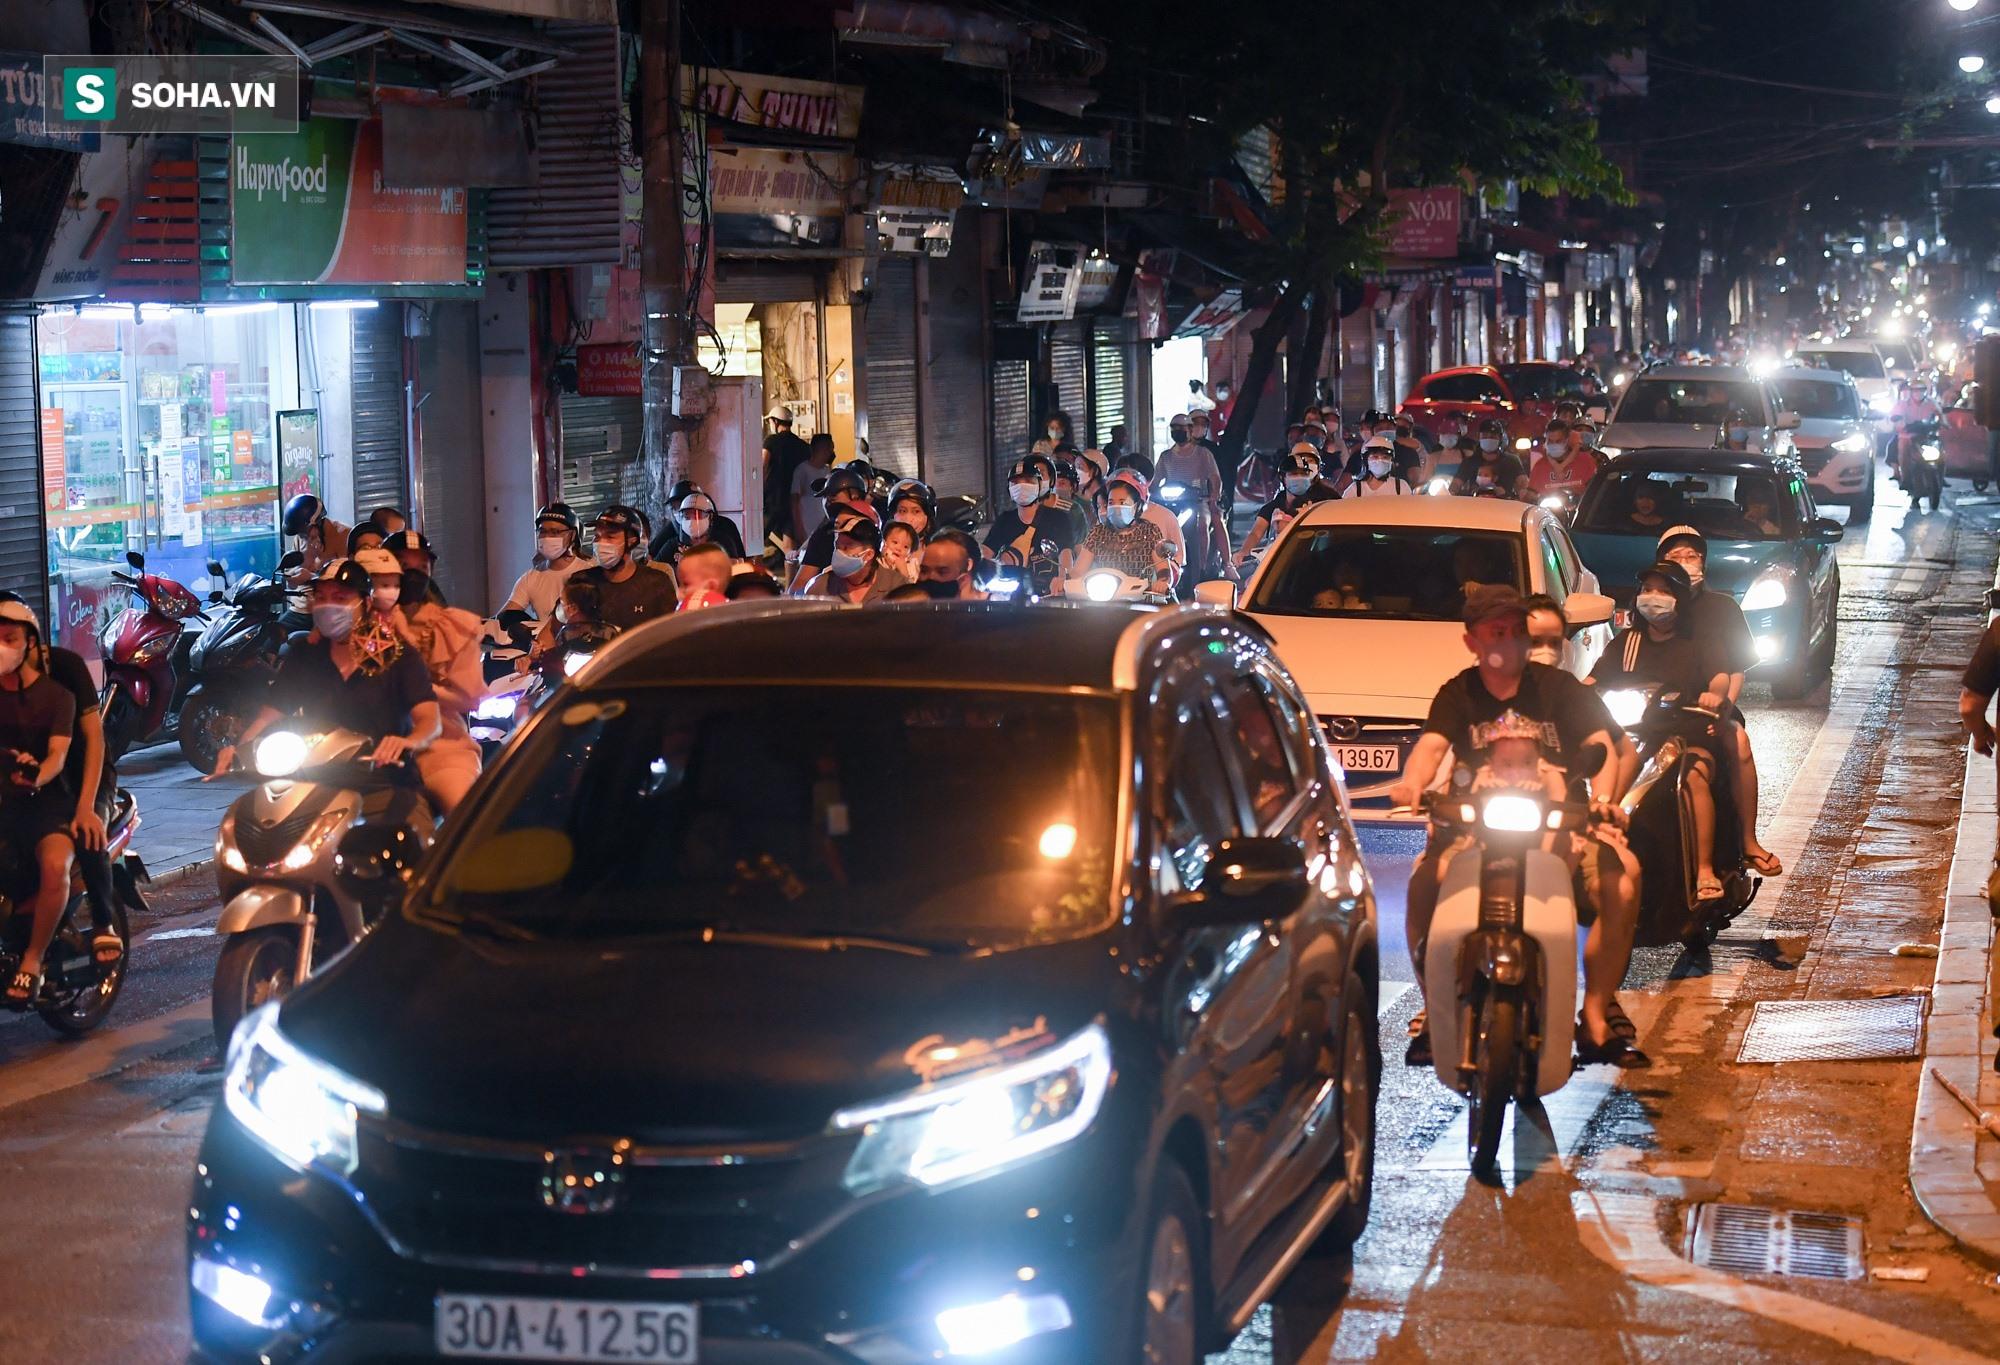 Dòng xe đông như hội nối đuôi nhau trên nhiều tuyến phố trung tâm thủ đô đêm Trung thu - Ảnh 1.